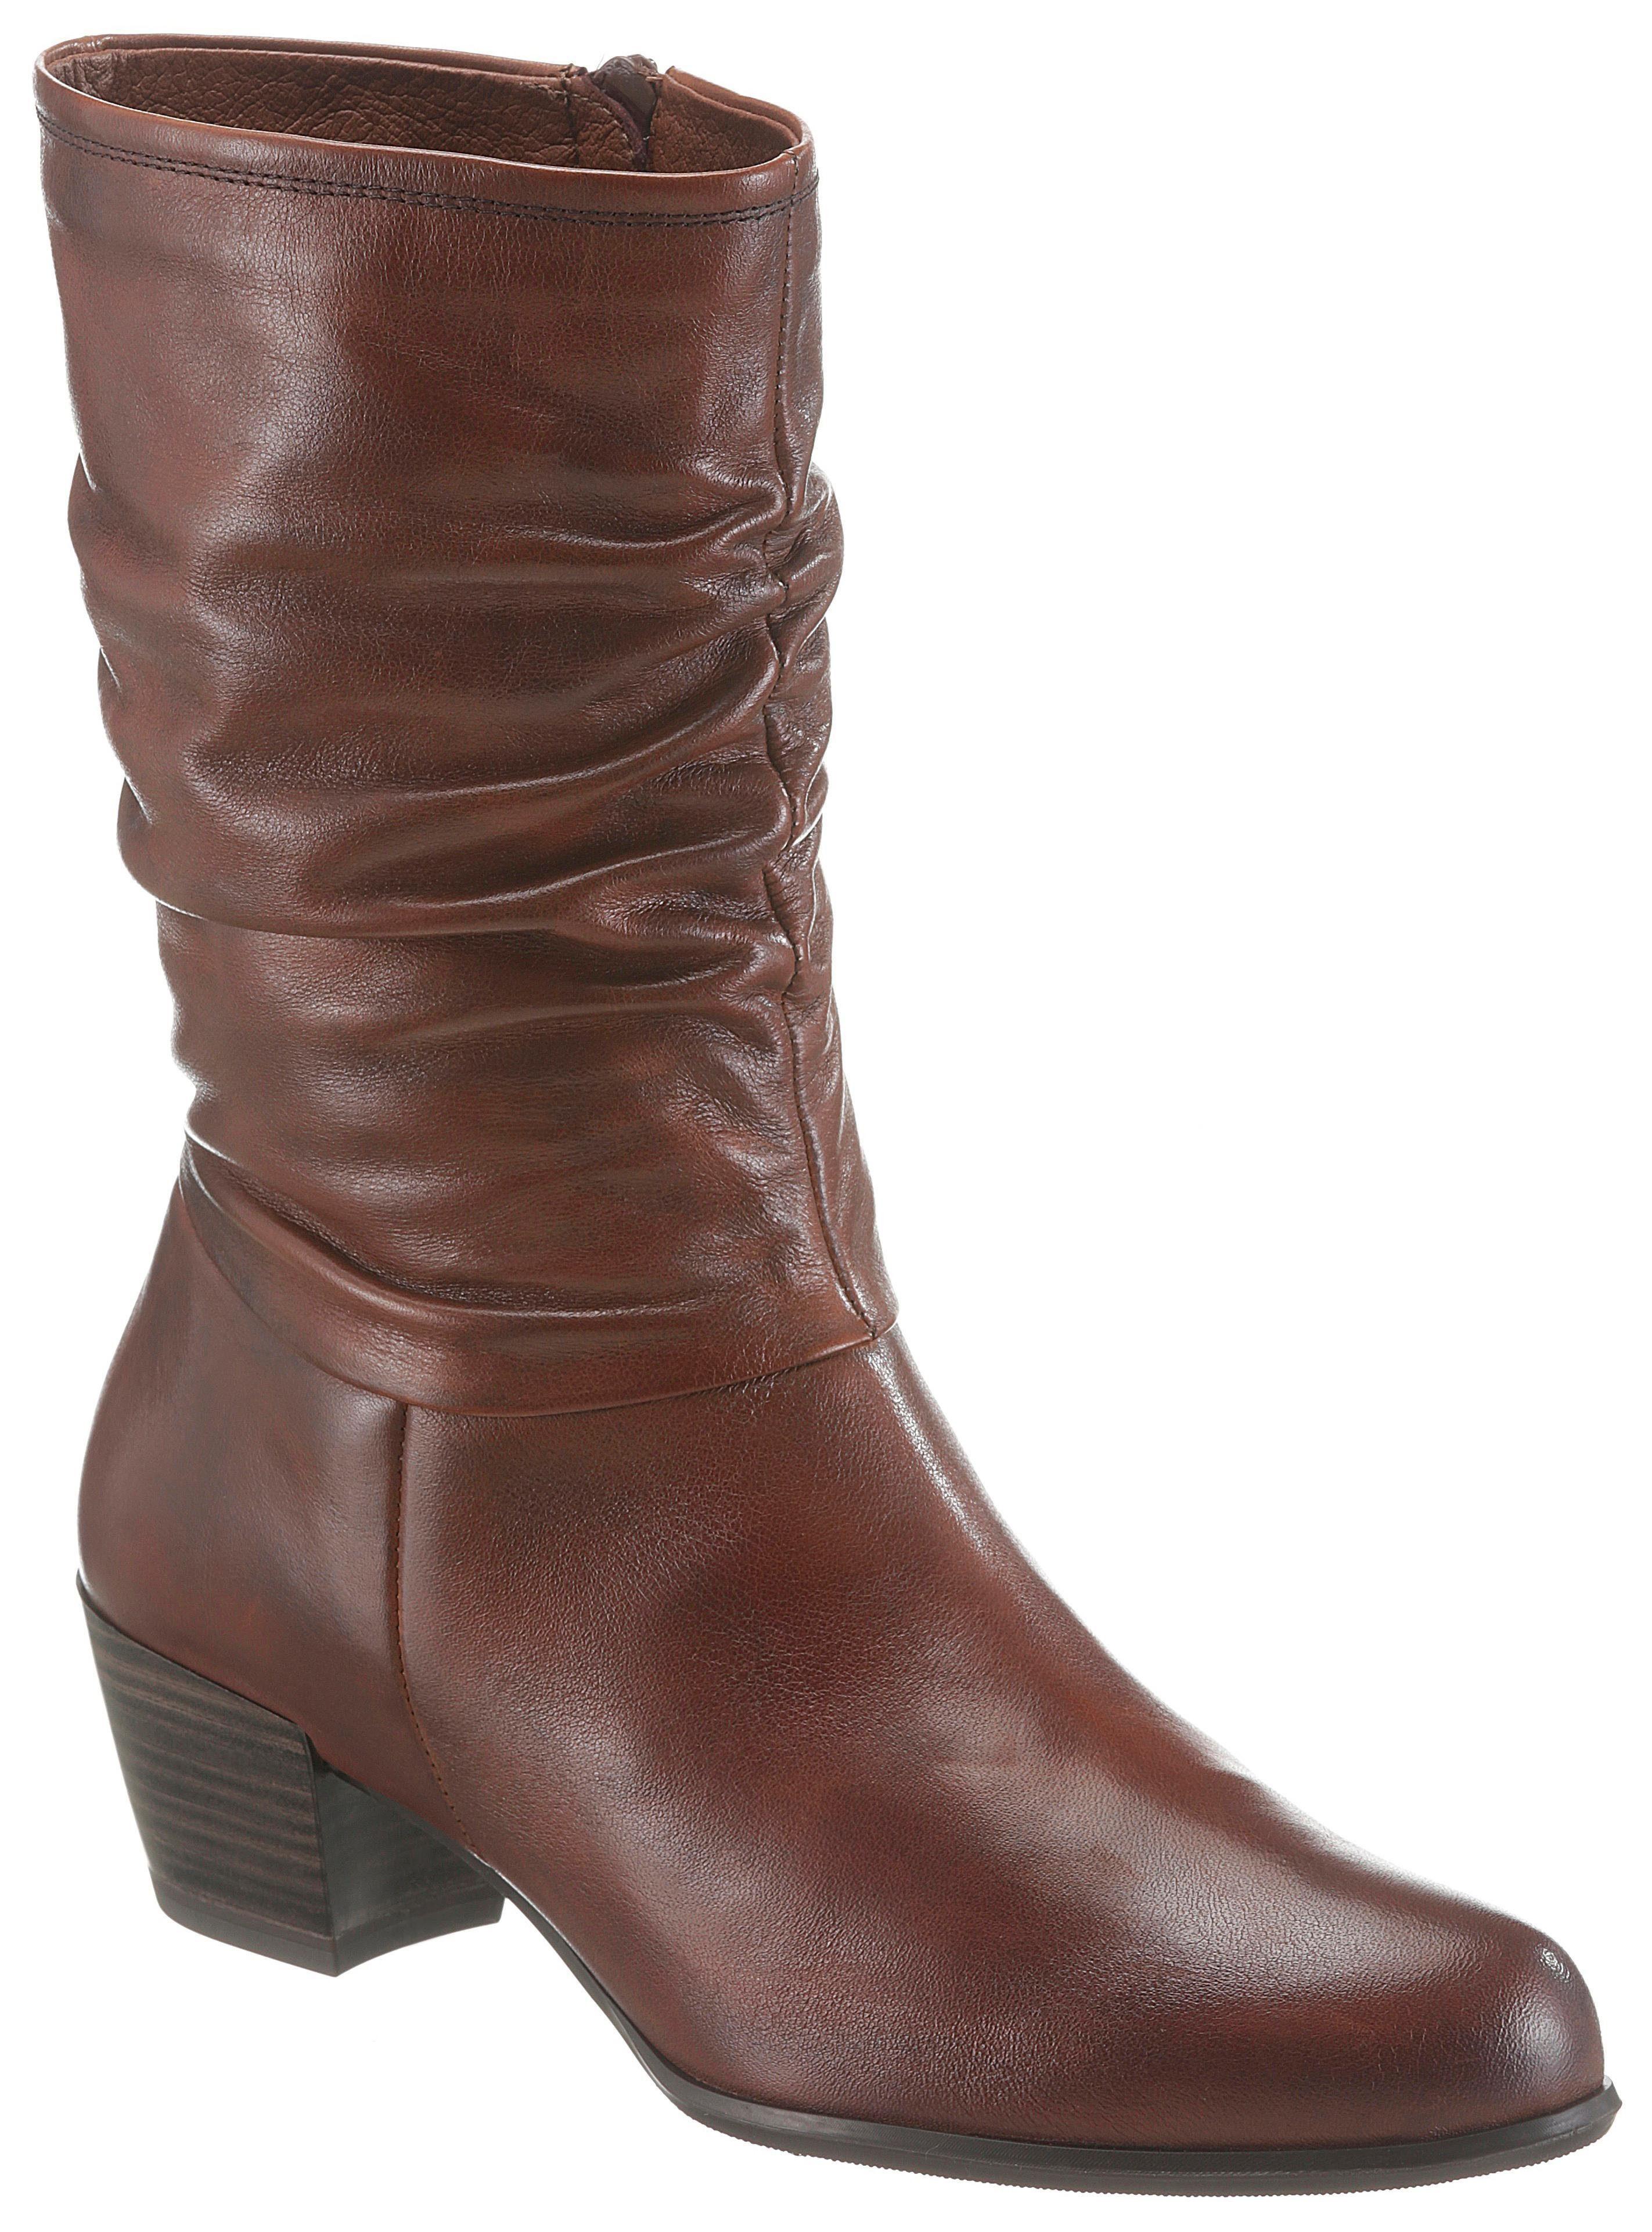 Tamaris »Ocimum« Stiefel mit kurzem, gerafftem Schaft online kaufen | OTTO